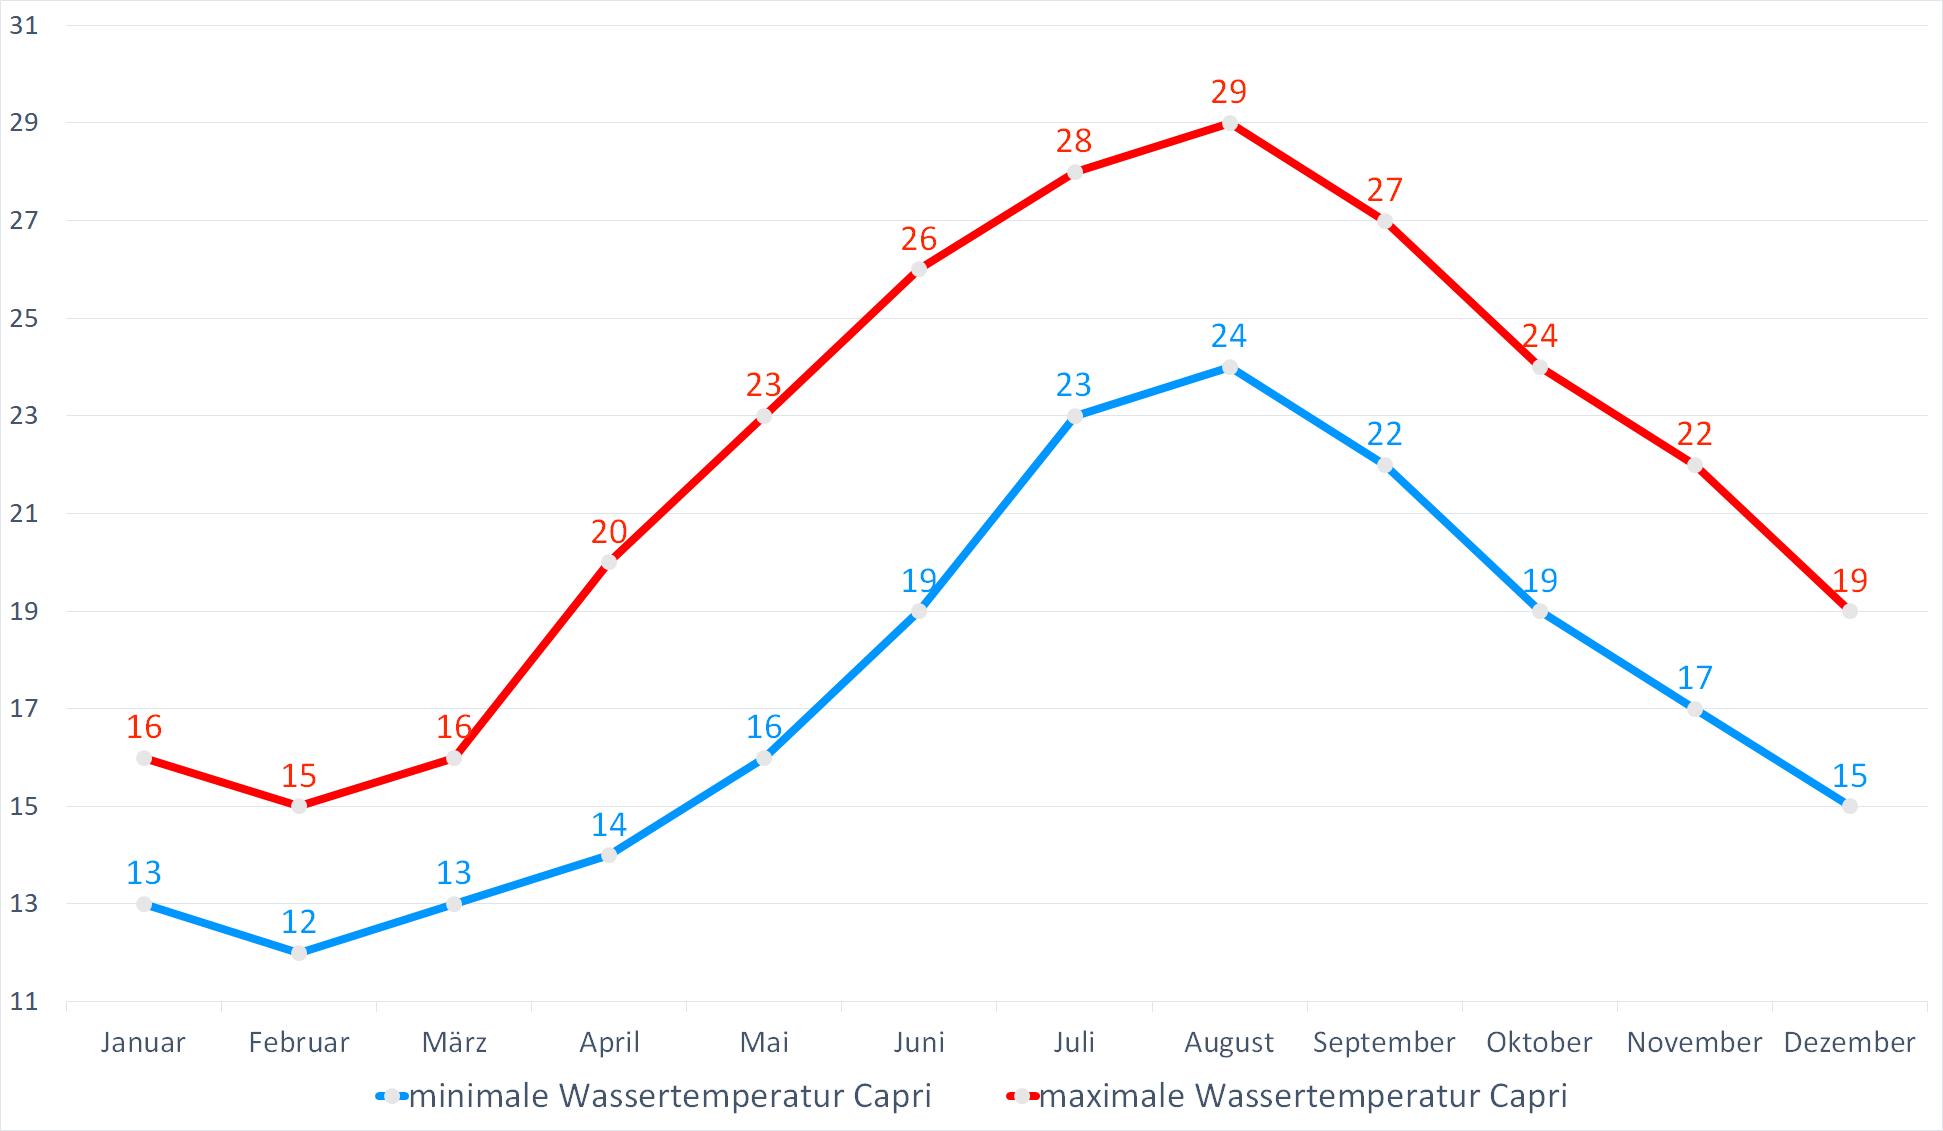 Minimale & Maximale Wassertemperaturen für Capri im Jahresverlauf